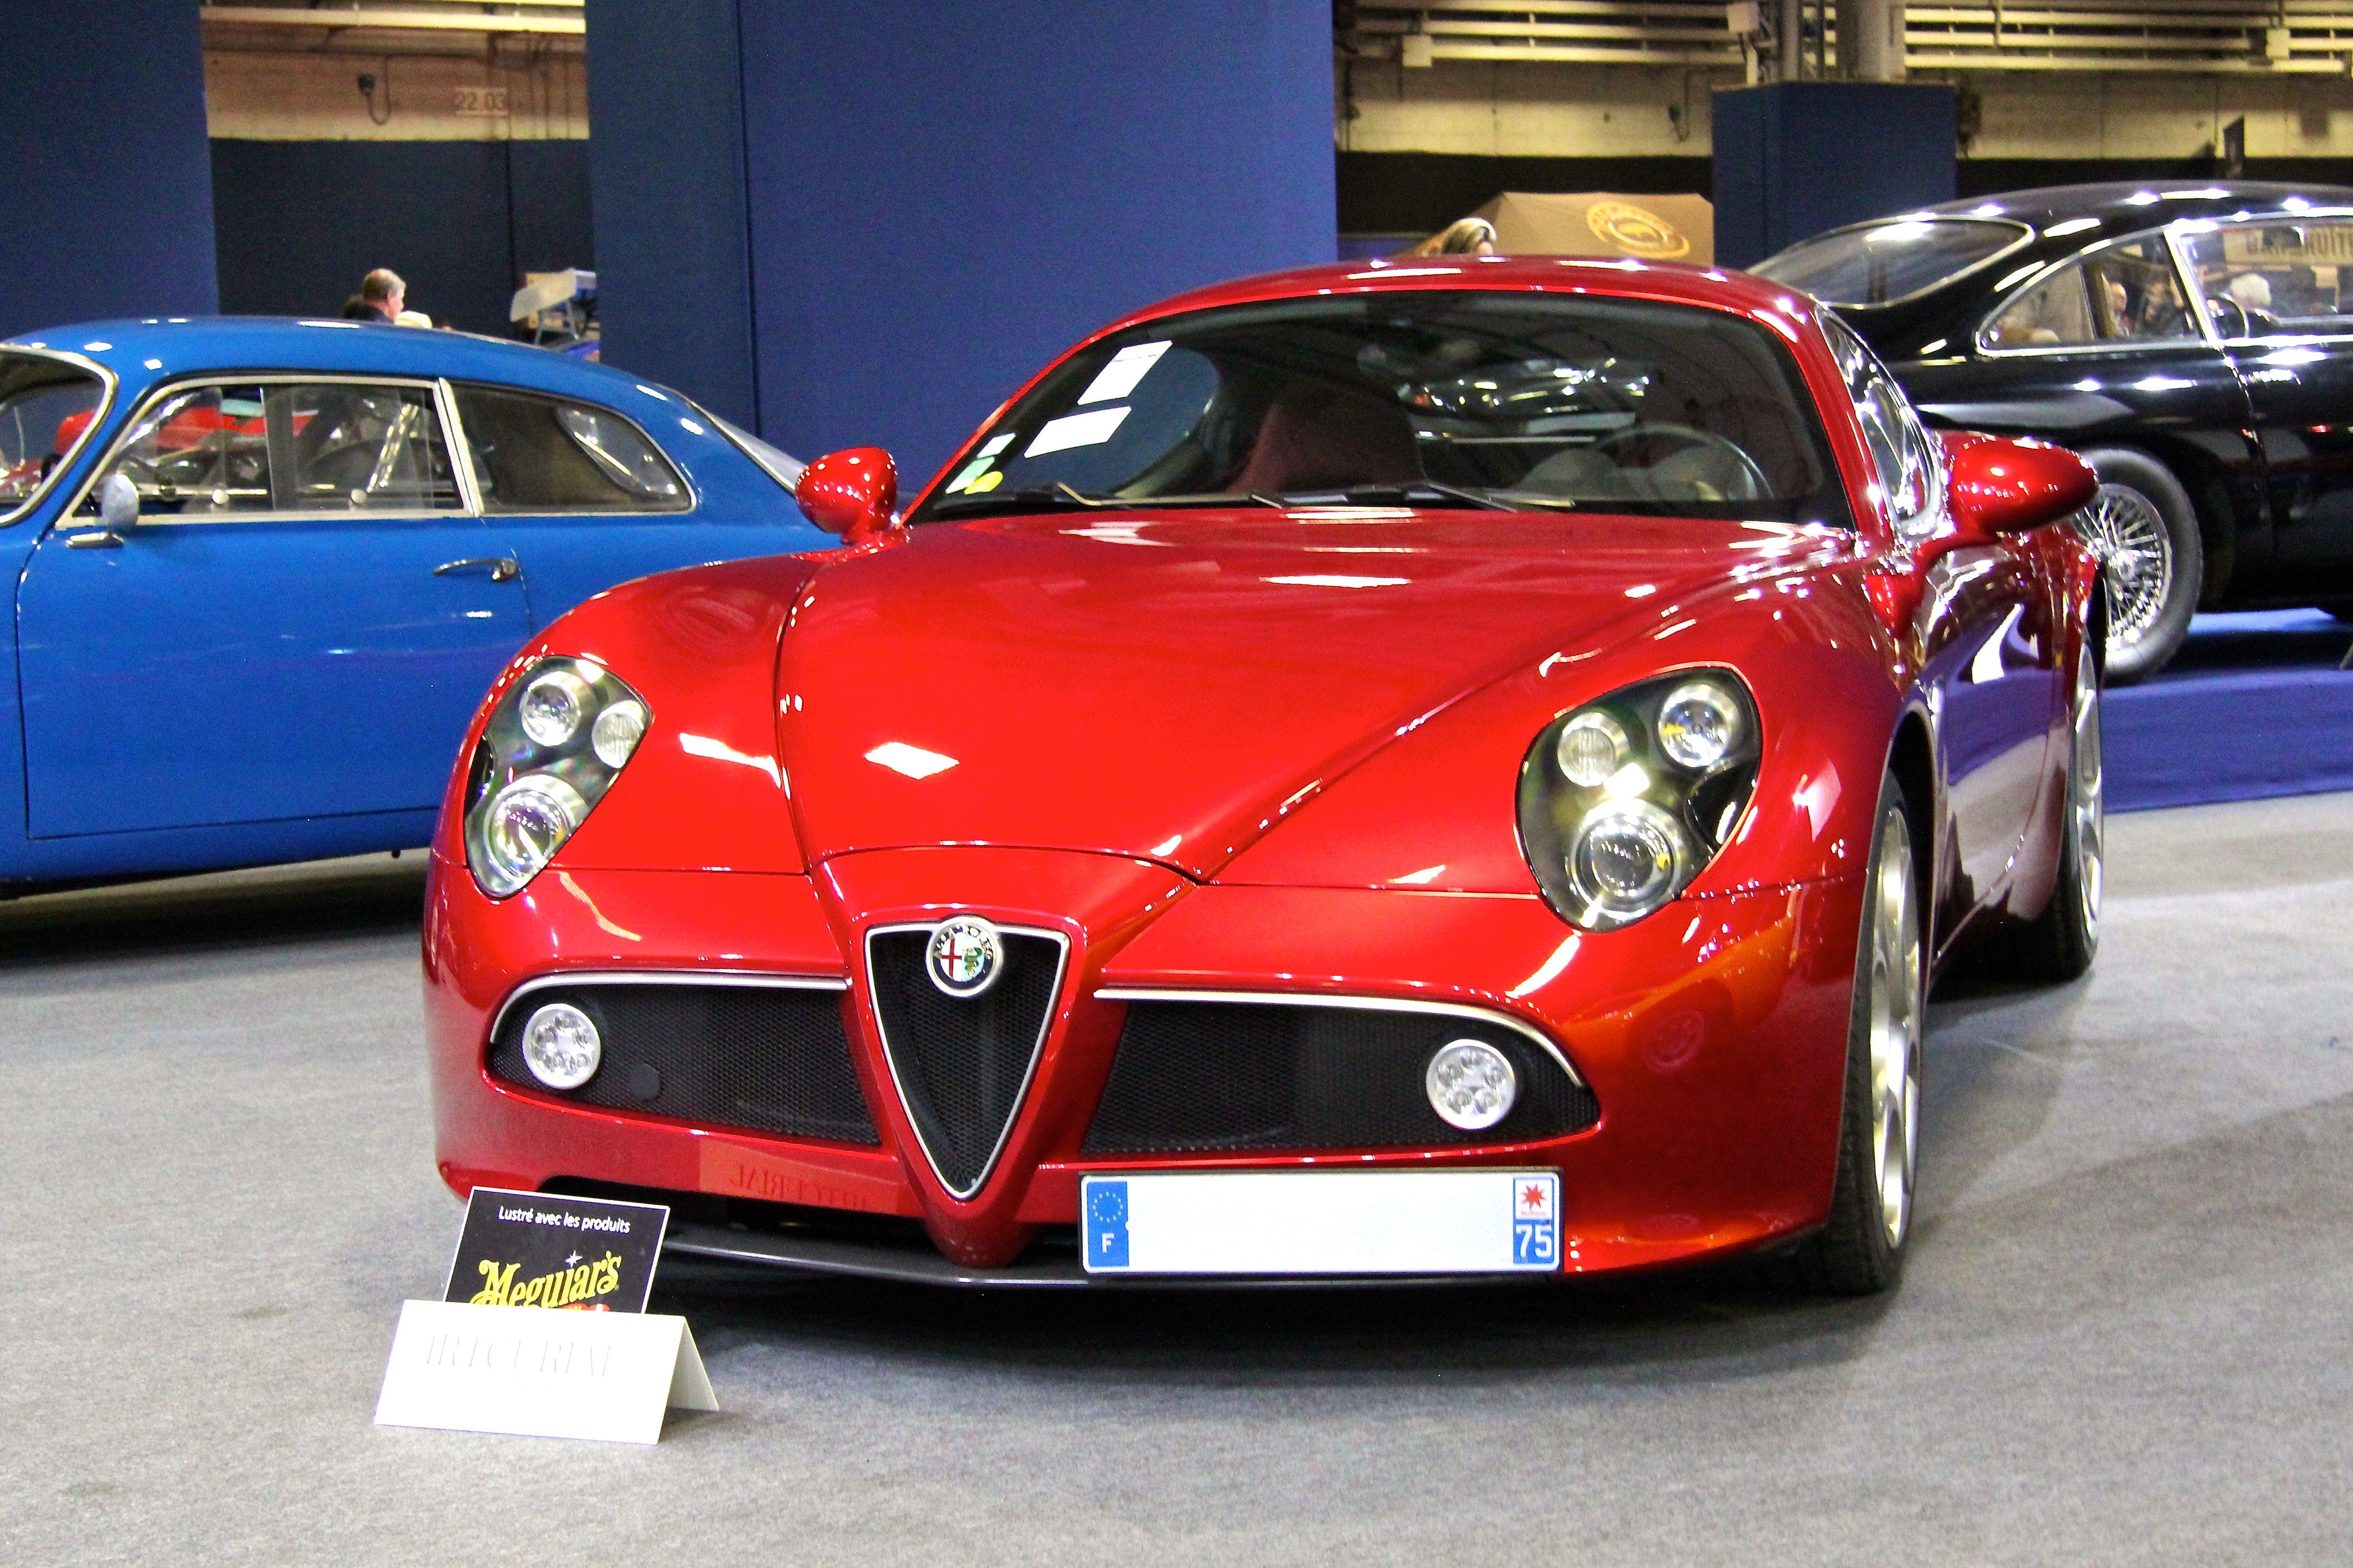 Alfa Romeo 8C Competizione - 2008 - Retromobile - Artcurial - 2018 - photo Ludo Ferrari